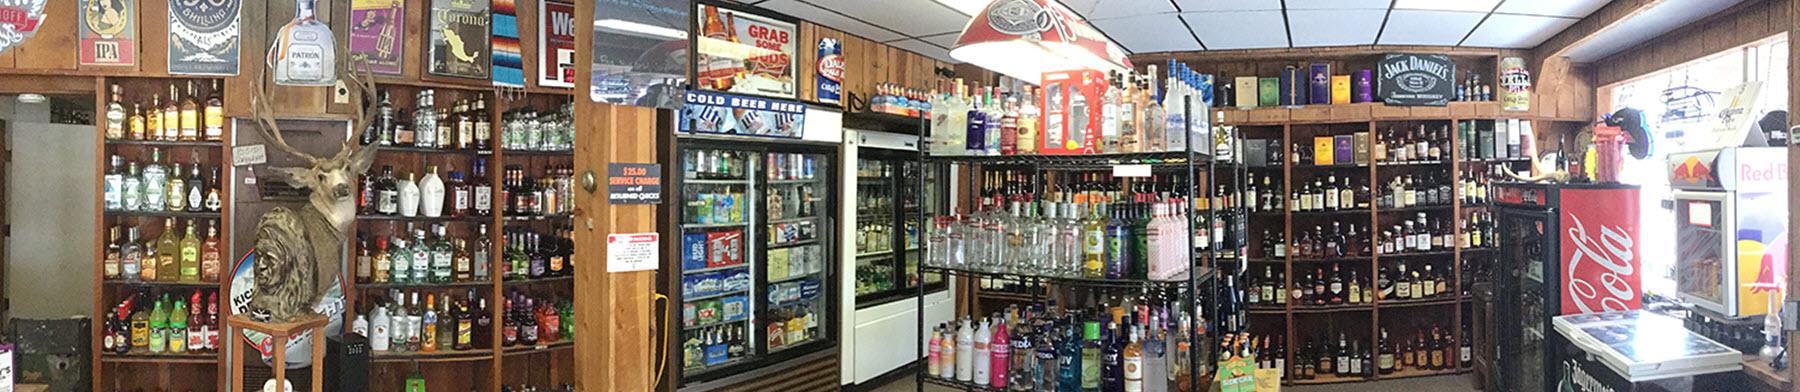 Rangely Liquor